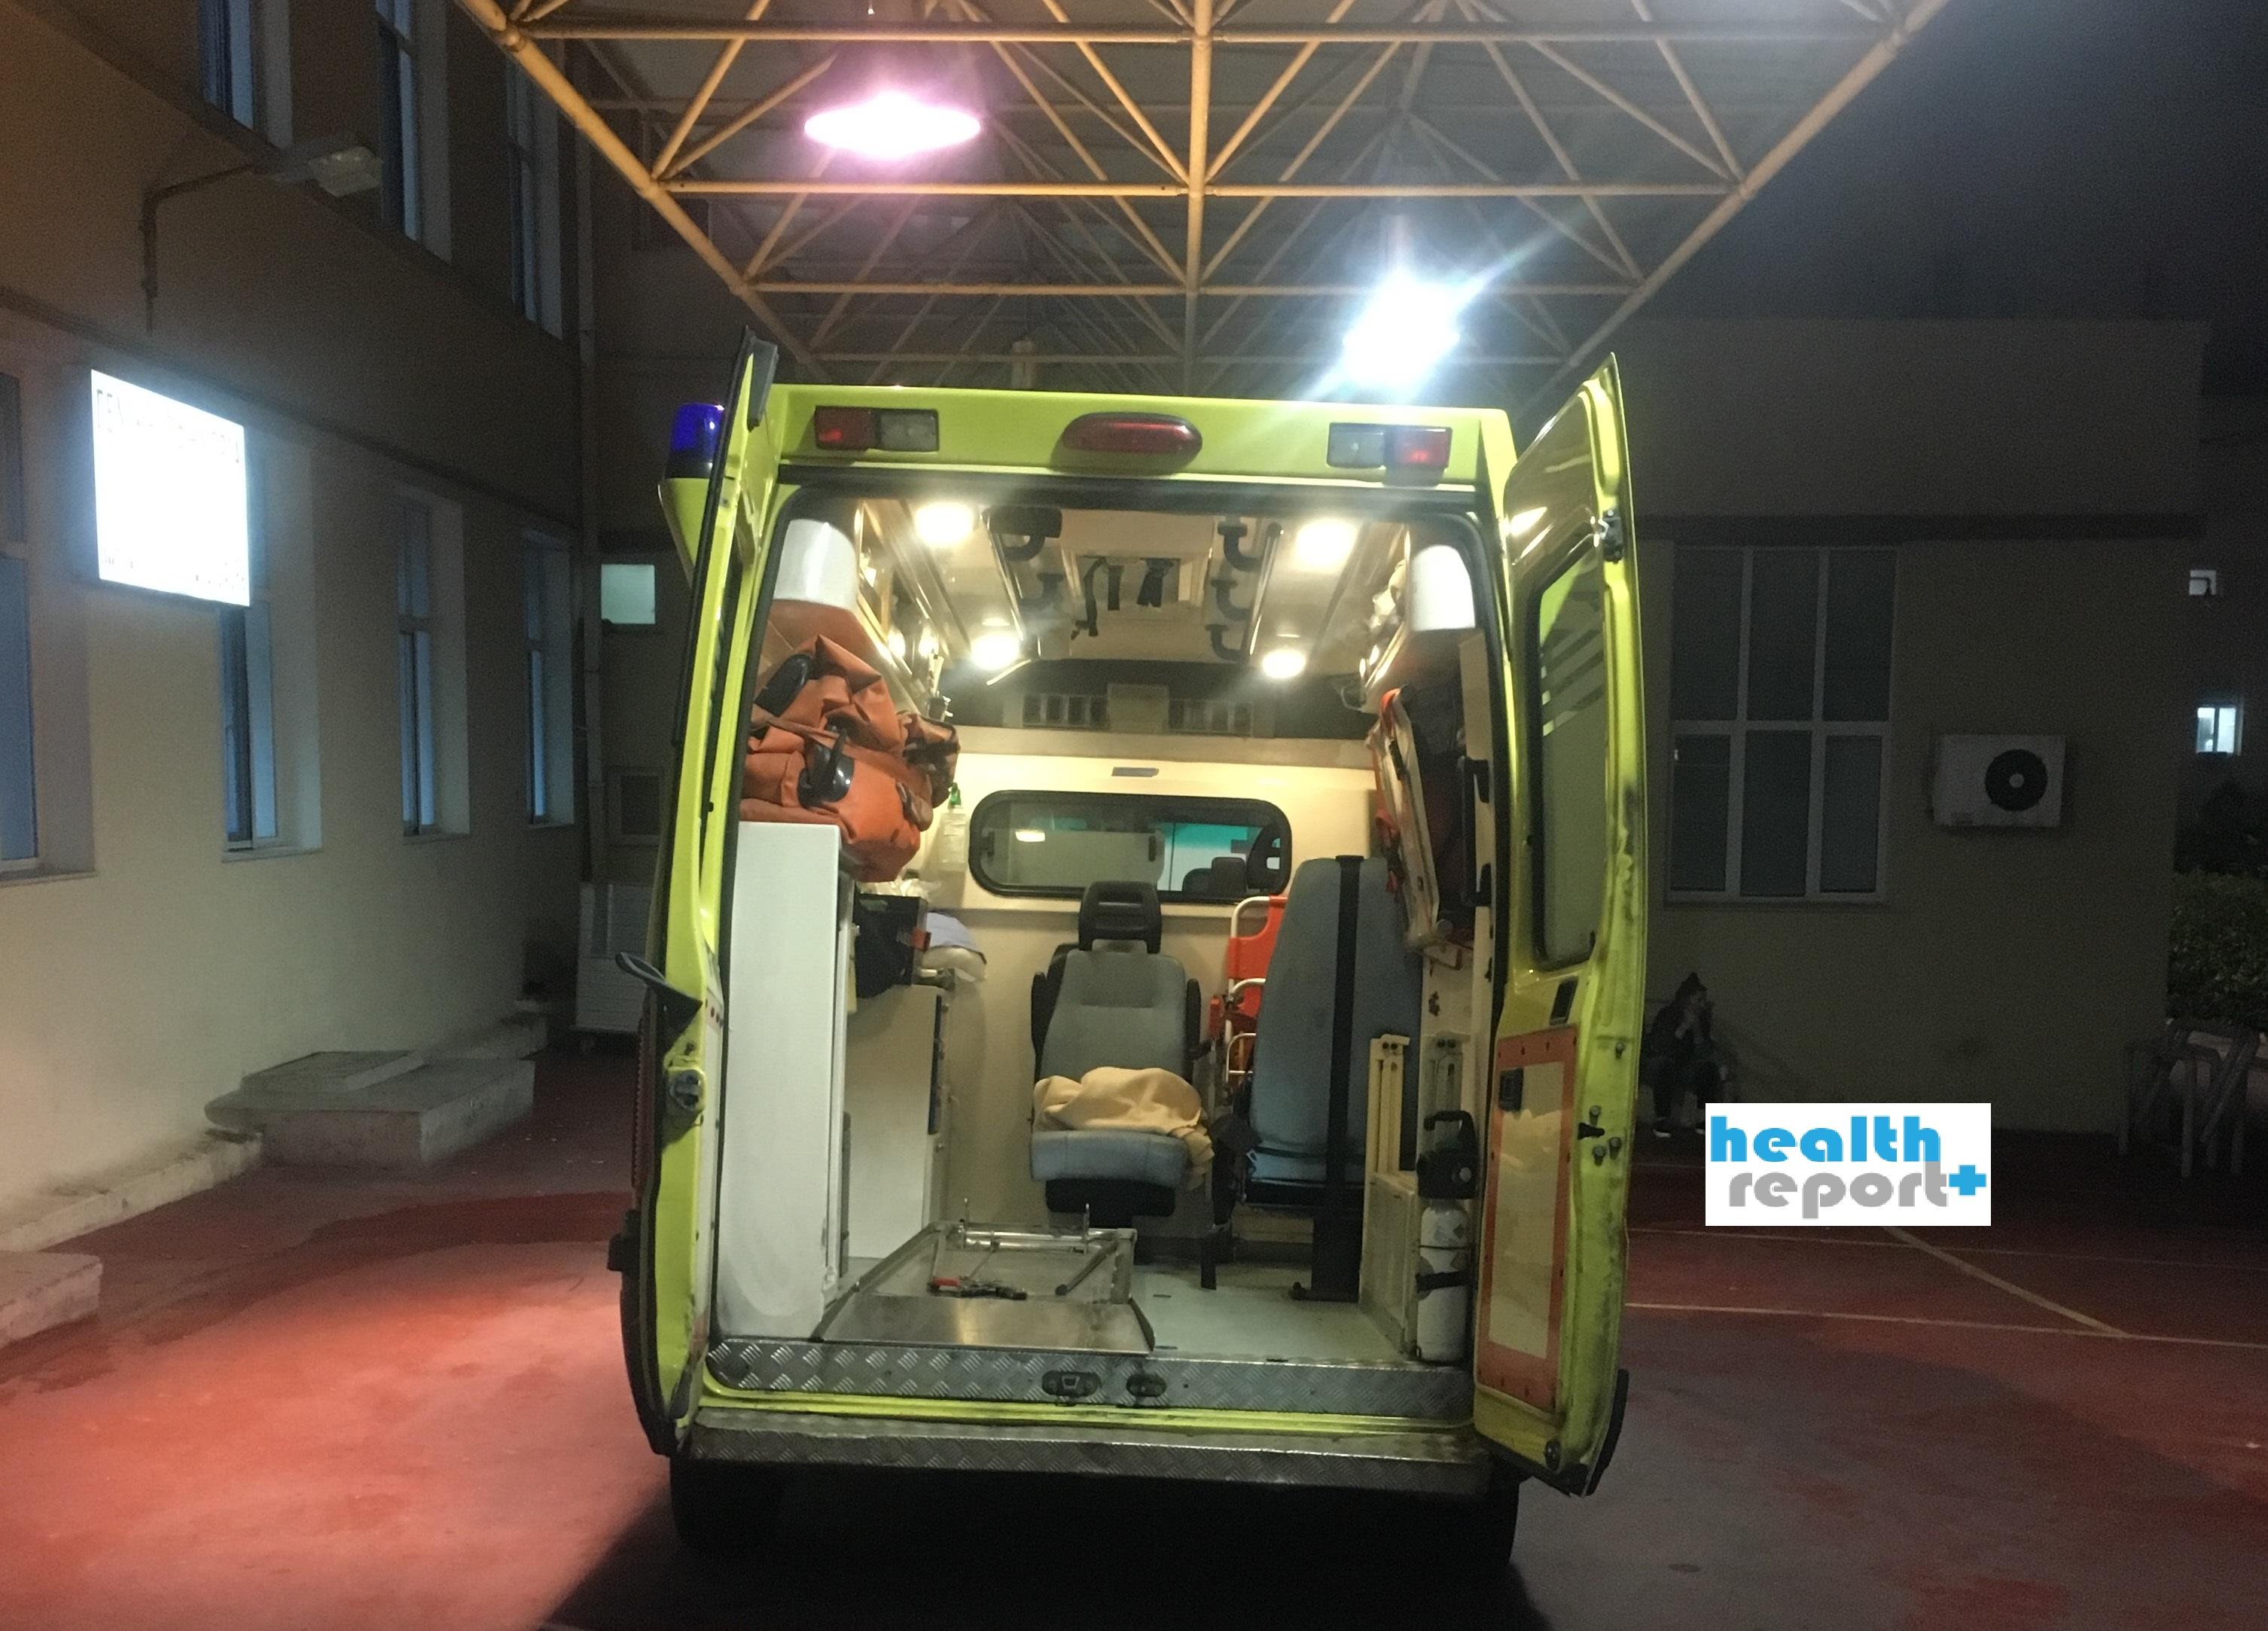 Κορονοϊός: Κλιμάκιο του υπουργείου Υγείας σαρώνει τα νοσοκομεία για έκτακτα μέτρα στη Βόρεια Ελλάδα – Τι προβλέπει το Plan B